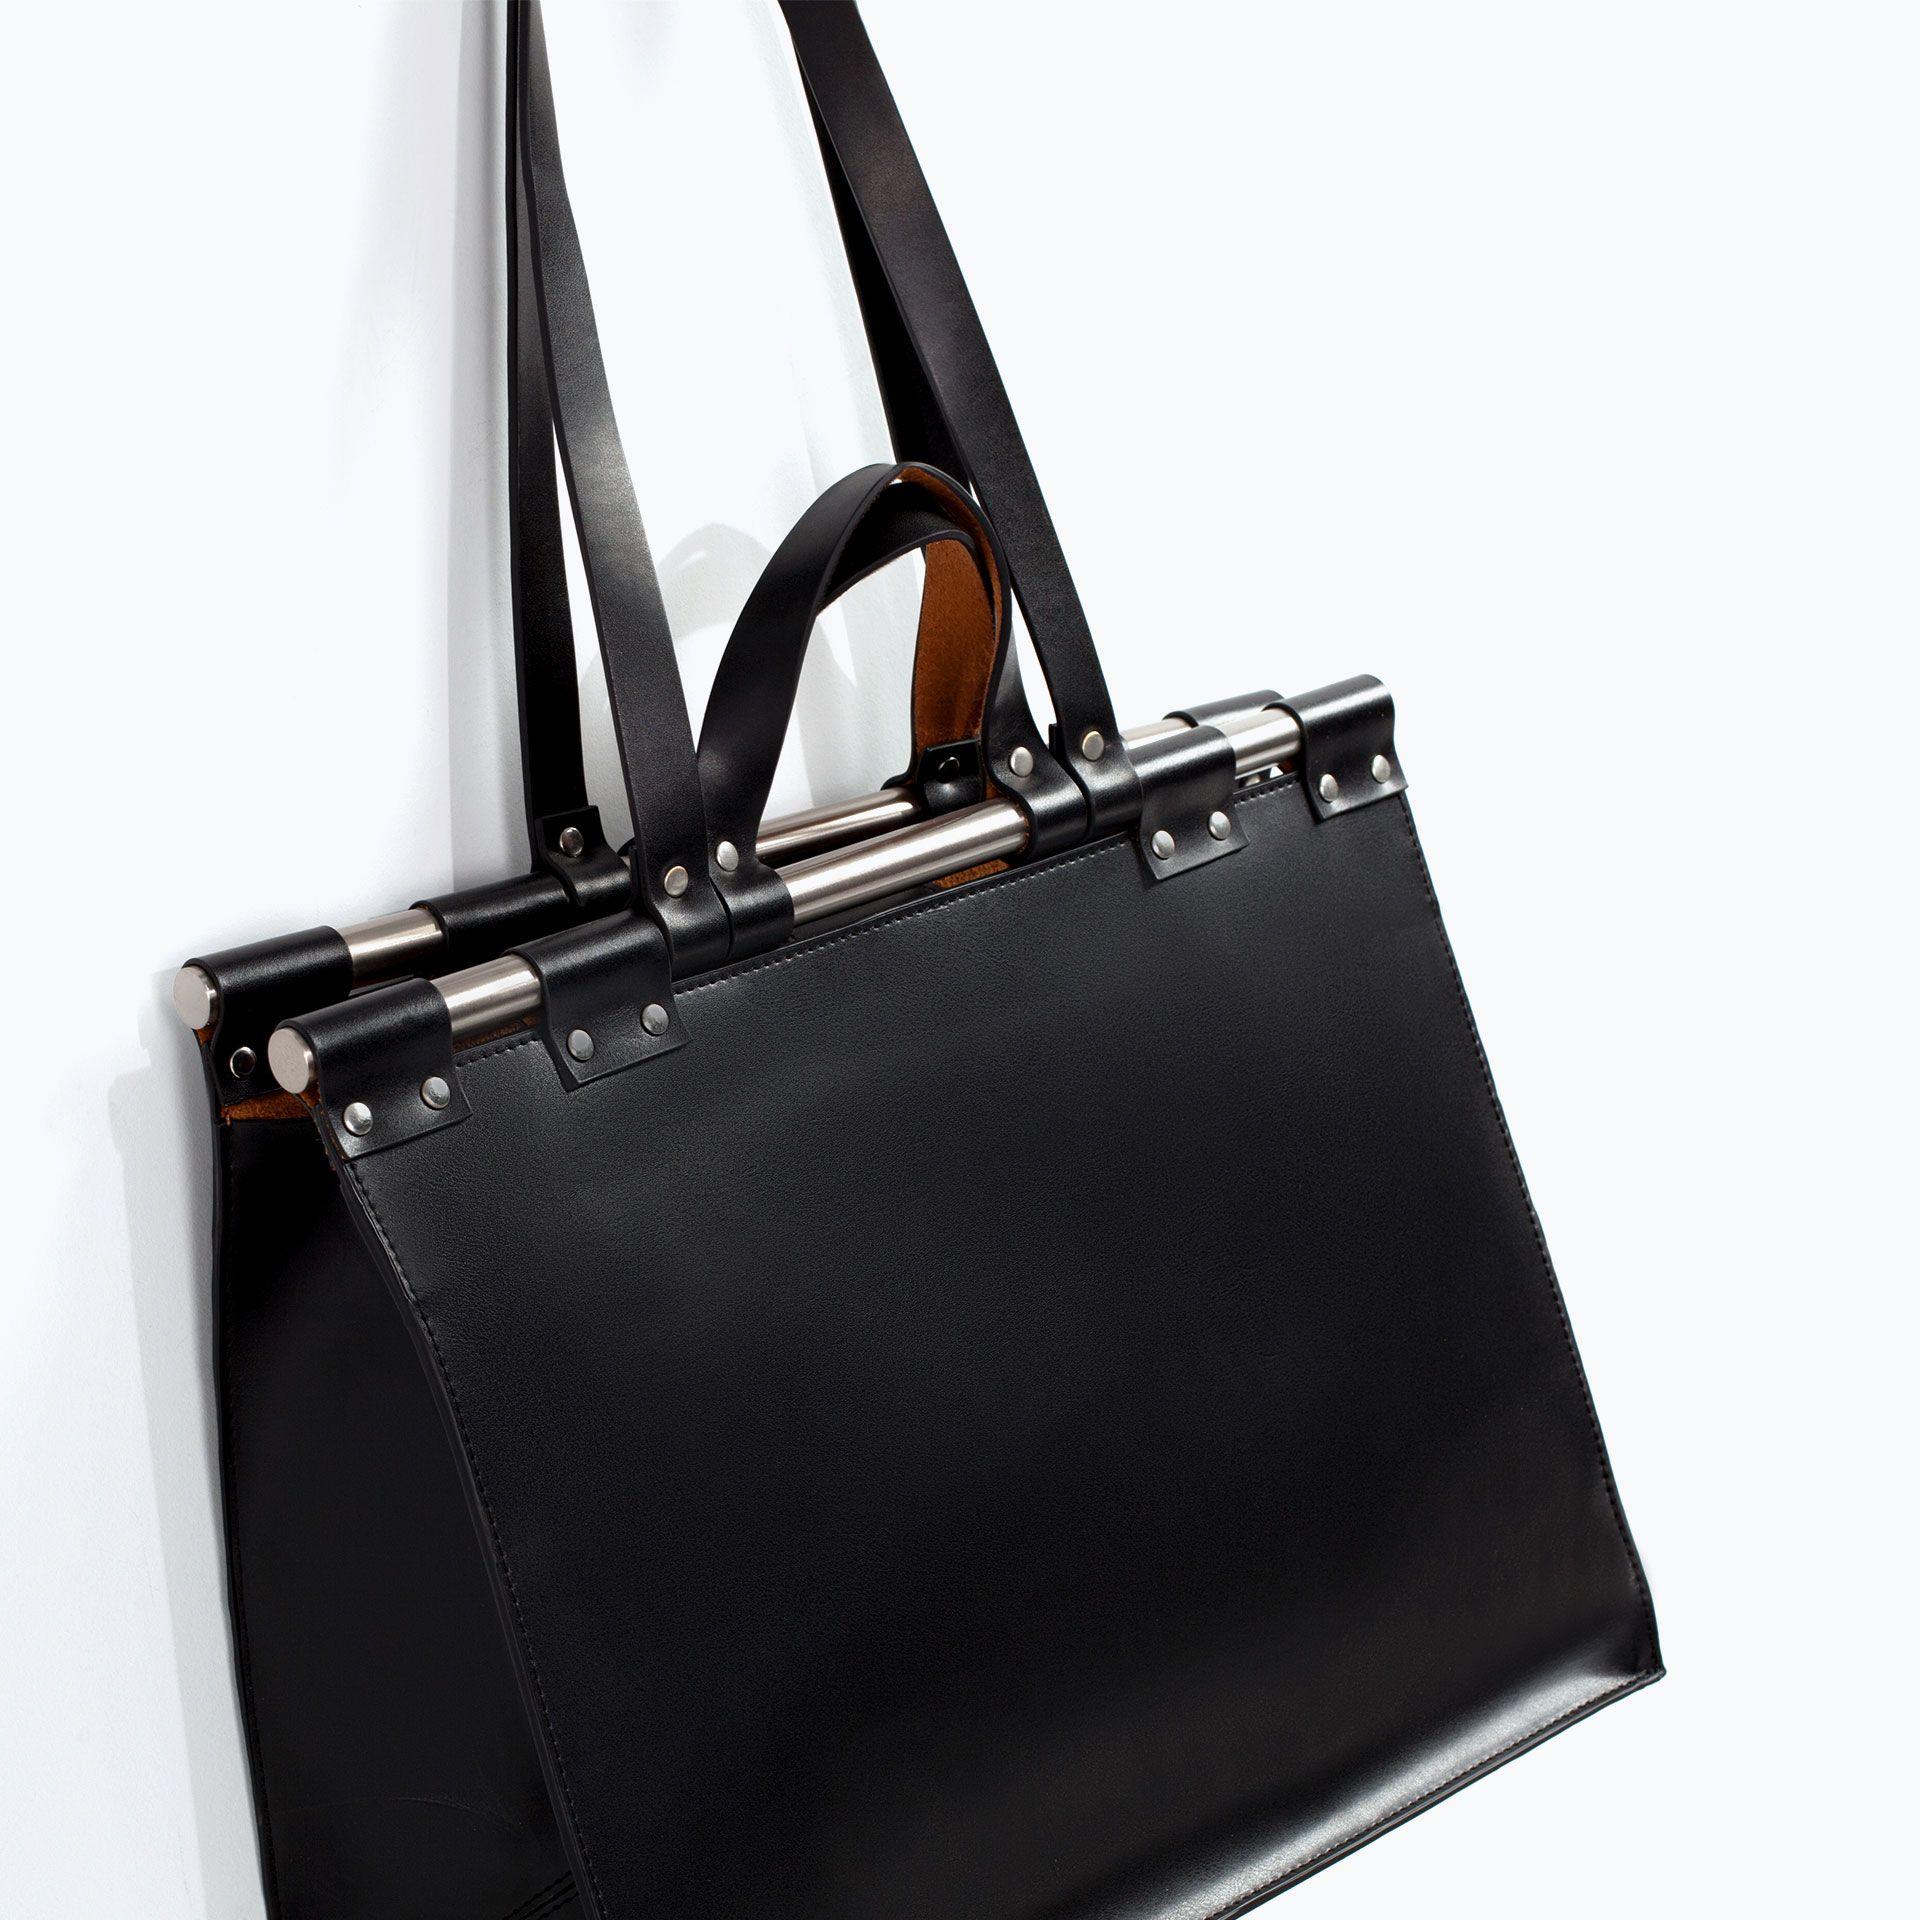 Mini leather tote bag zara - Zdj Cie 5 Kuferek Typu Doctor Bag Z Zara